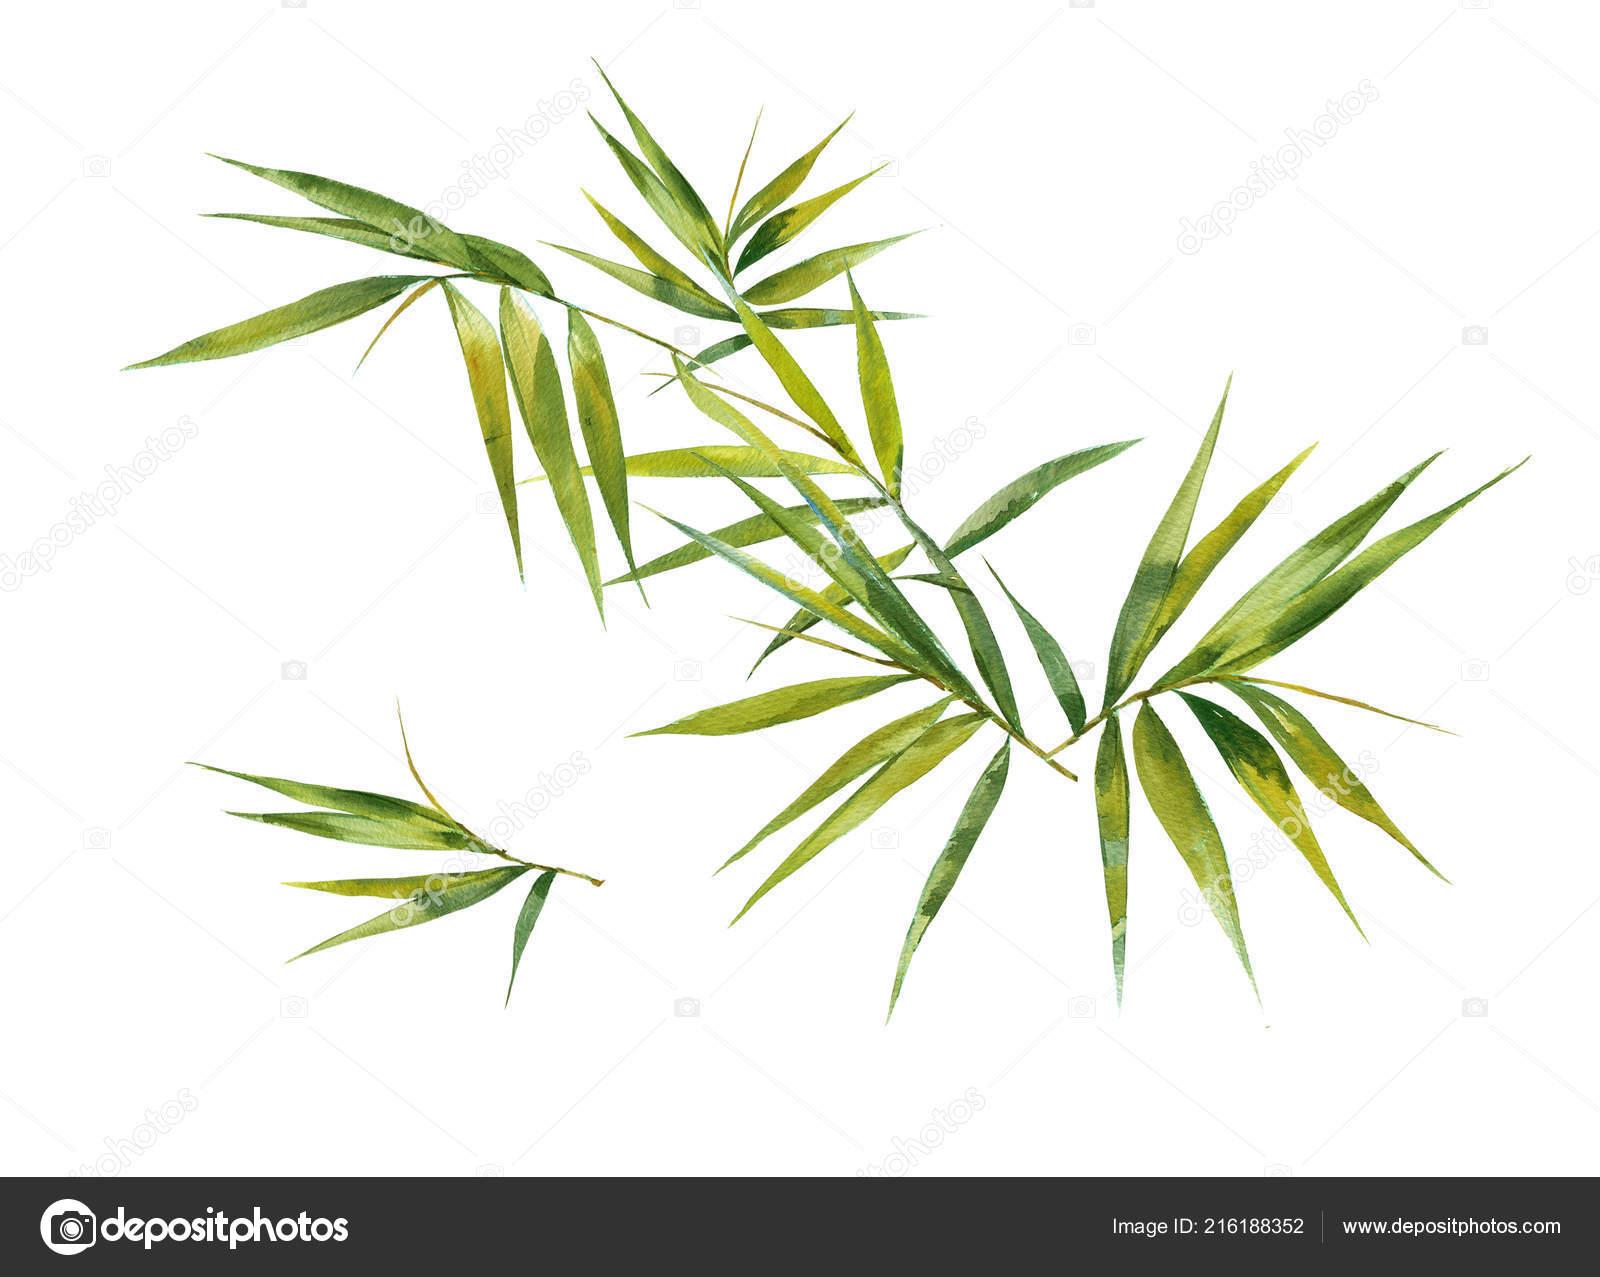 Aquarell Bild Malen Des Bambus Blatter Auf Weissem Hintergrund